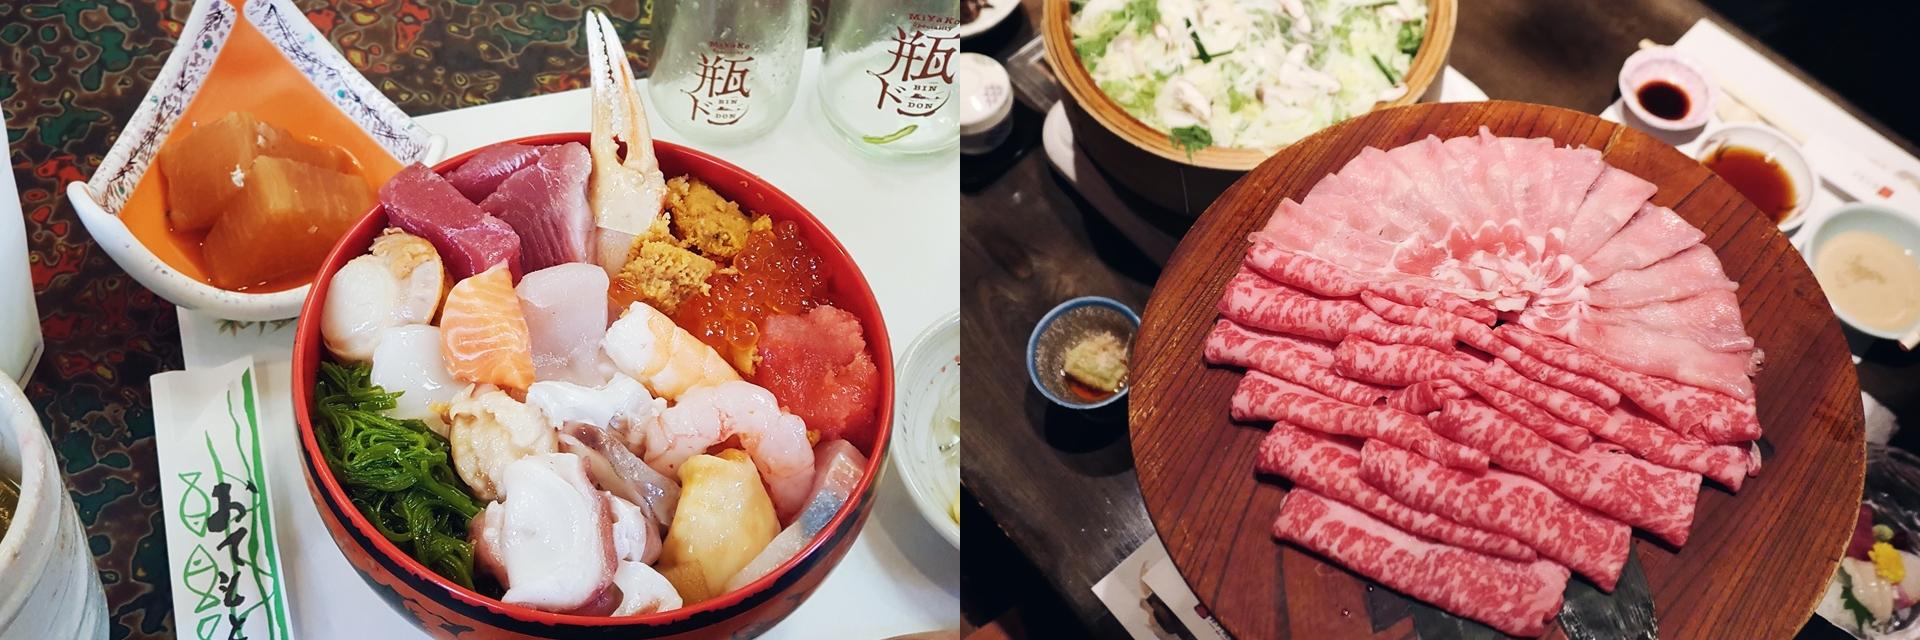 日本岩手縣10大美食總整理,「好吃到哭」不誇張!在地人激推清單,不只美味、好玩,還能挑戰自我極限!?